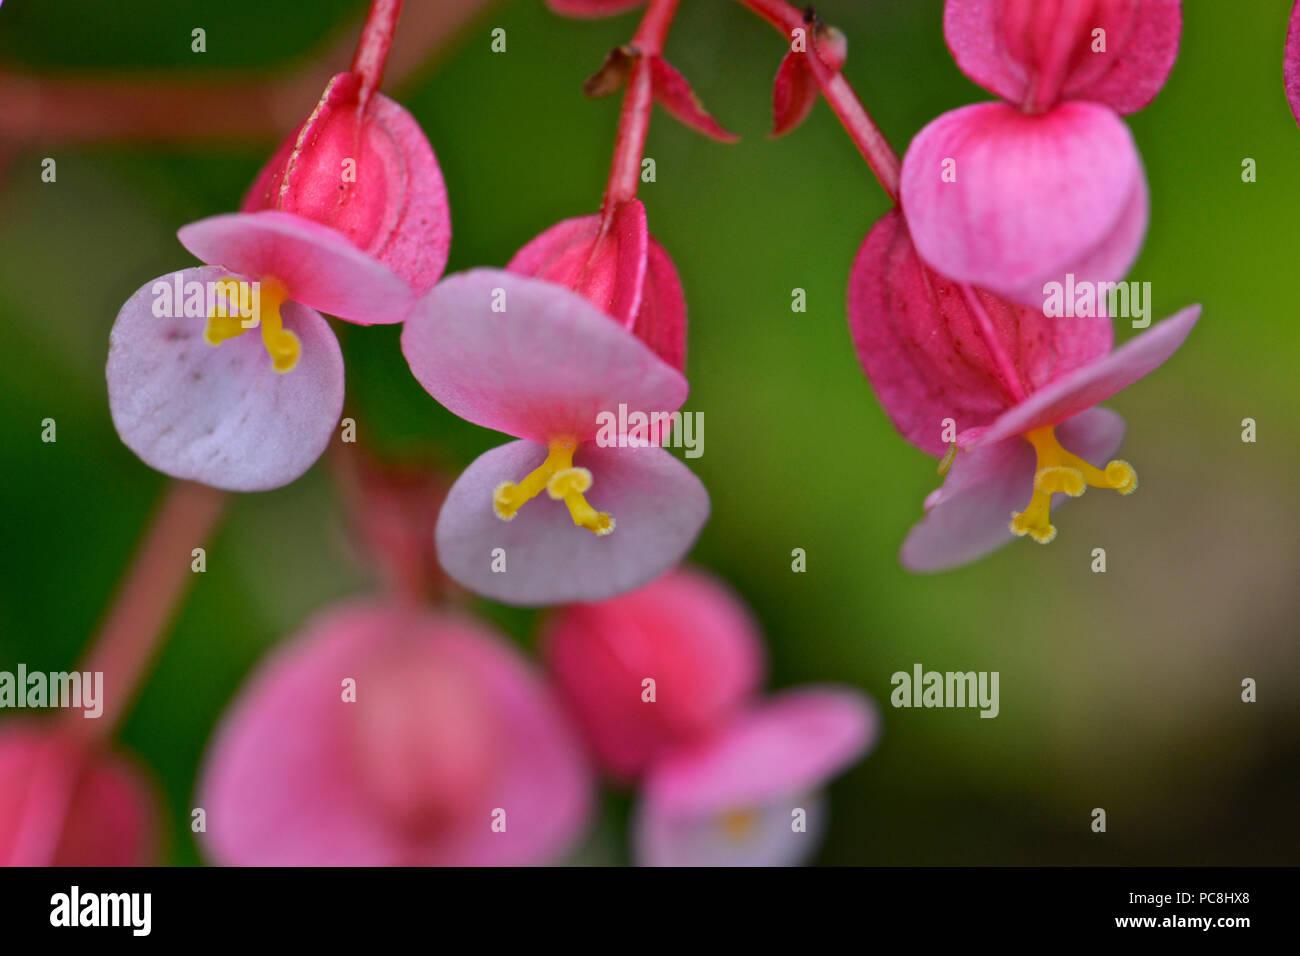 Wax begonia, Begonia semperflorens. Stock Photo